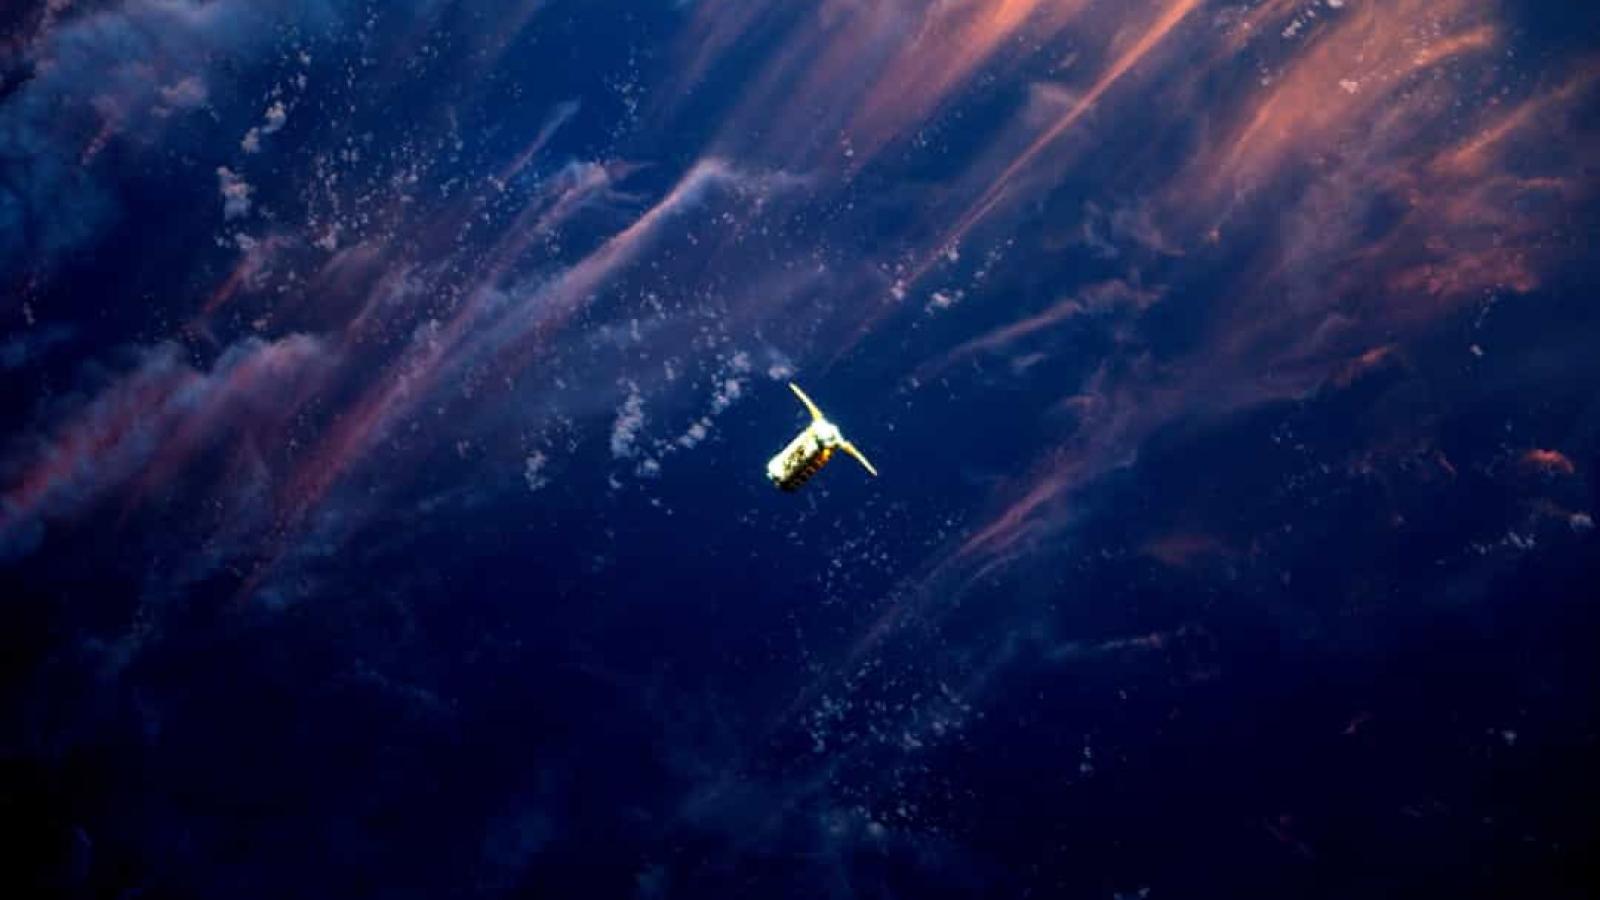 Những hình ảnh vũ trụ ấn tượng của NASA khiến chúng ta cảm thấy thật nhỏ bé